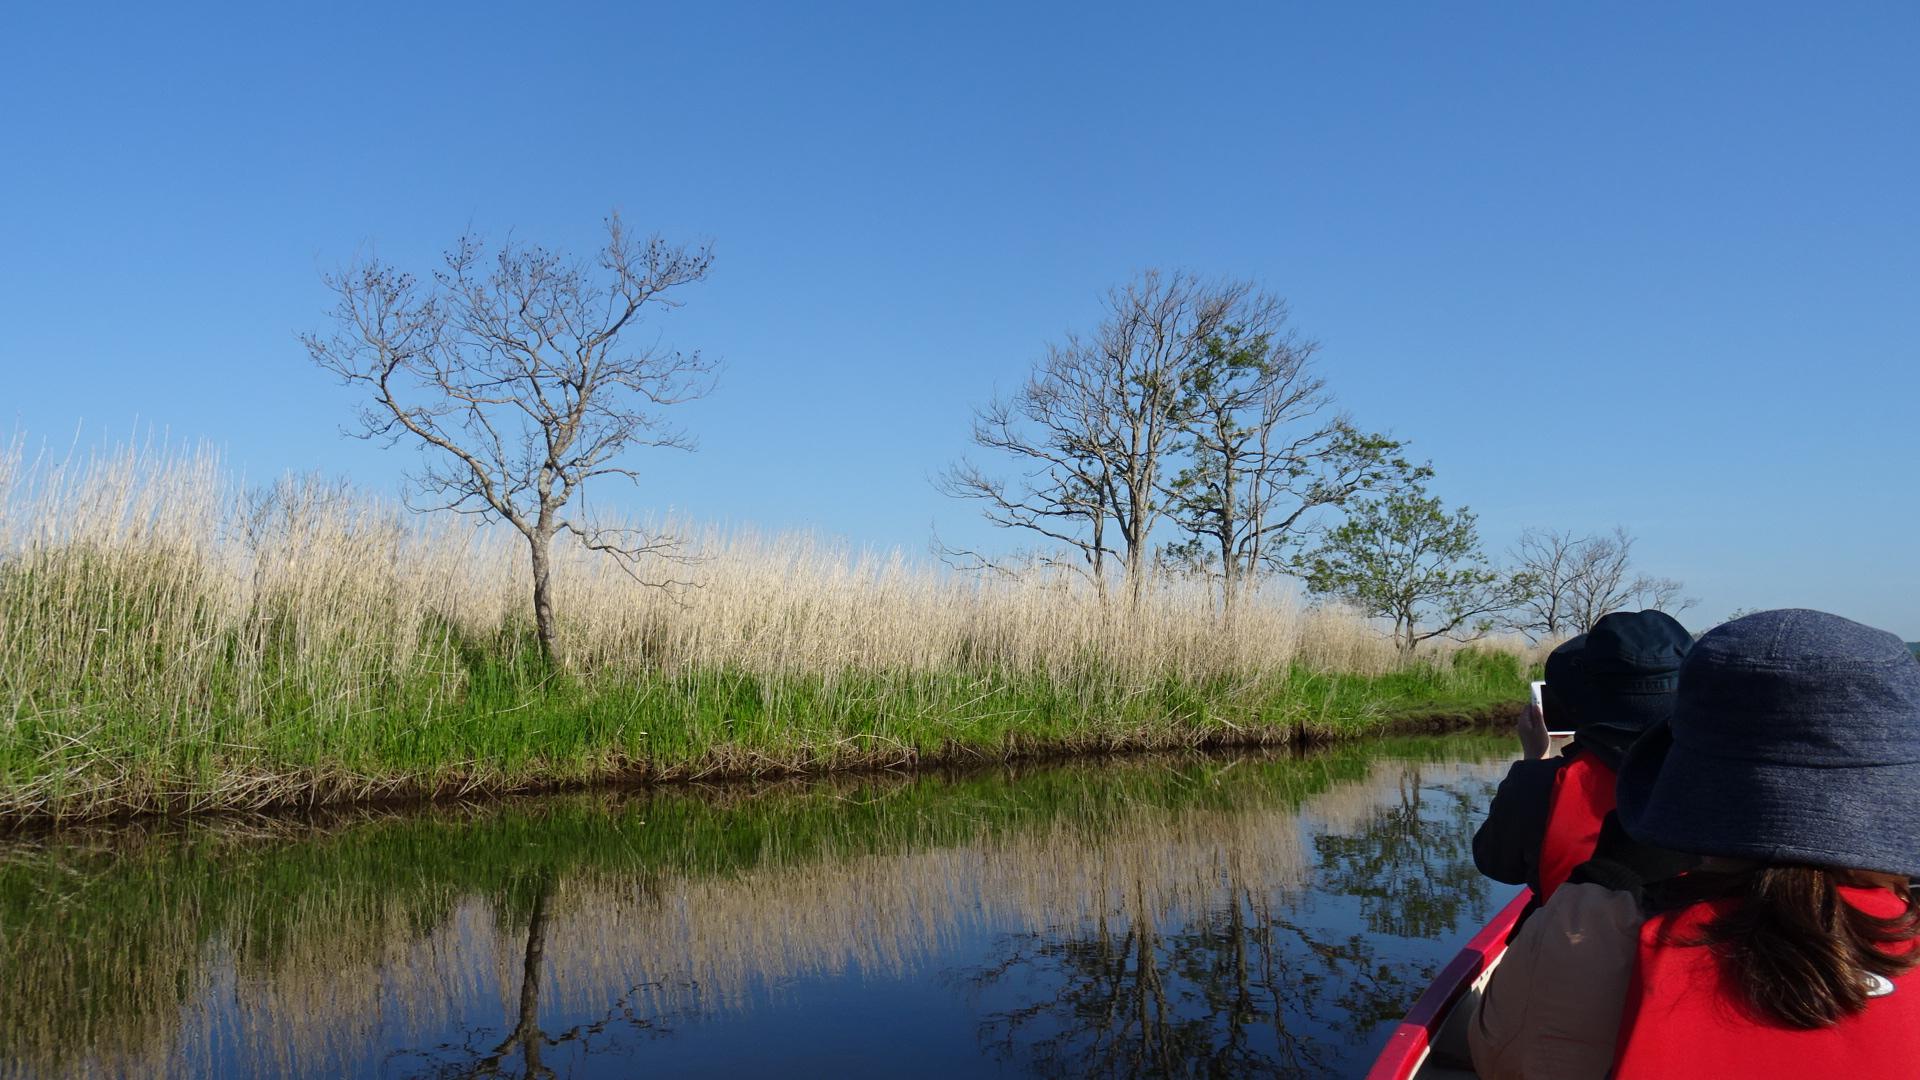 Kushiro Marsh in June